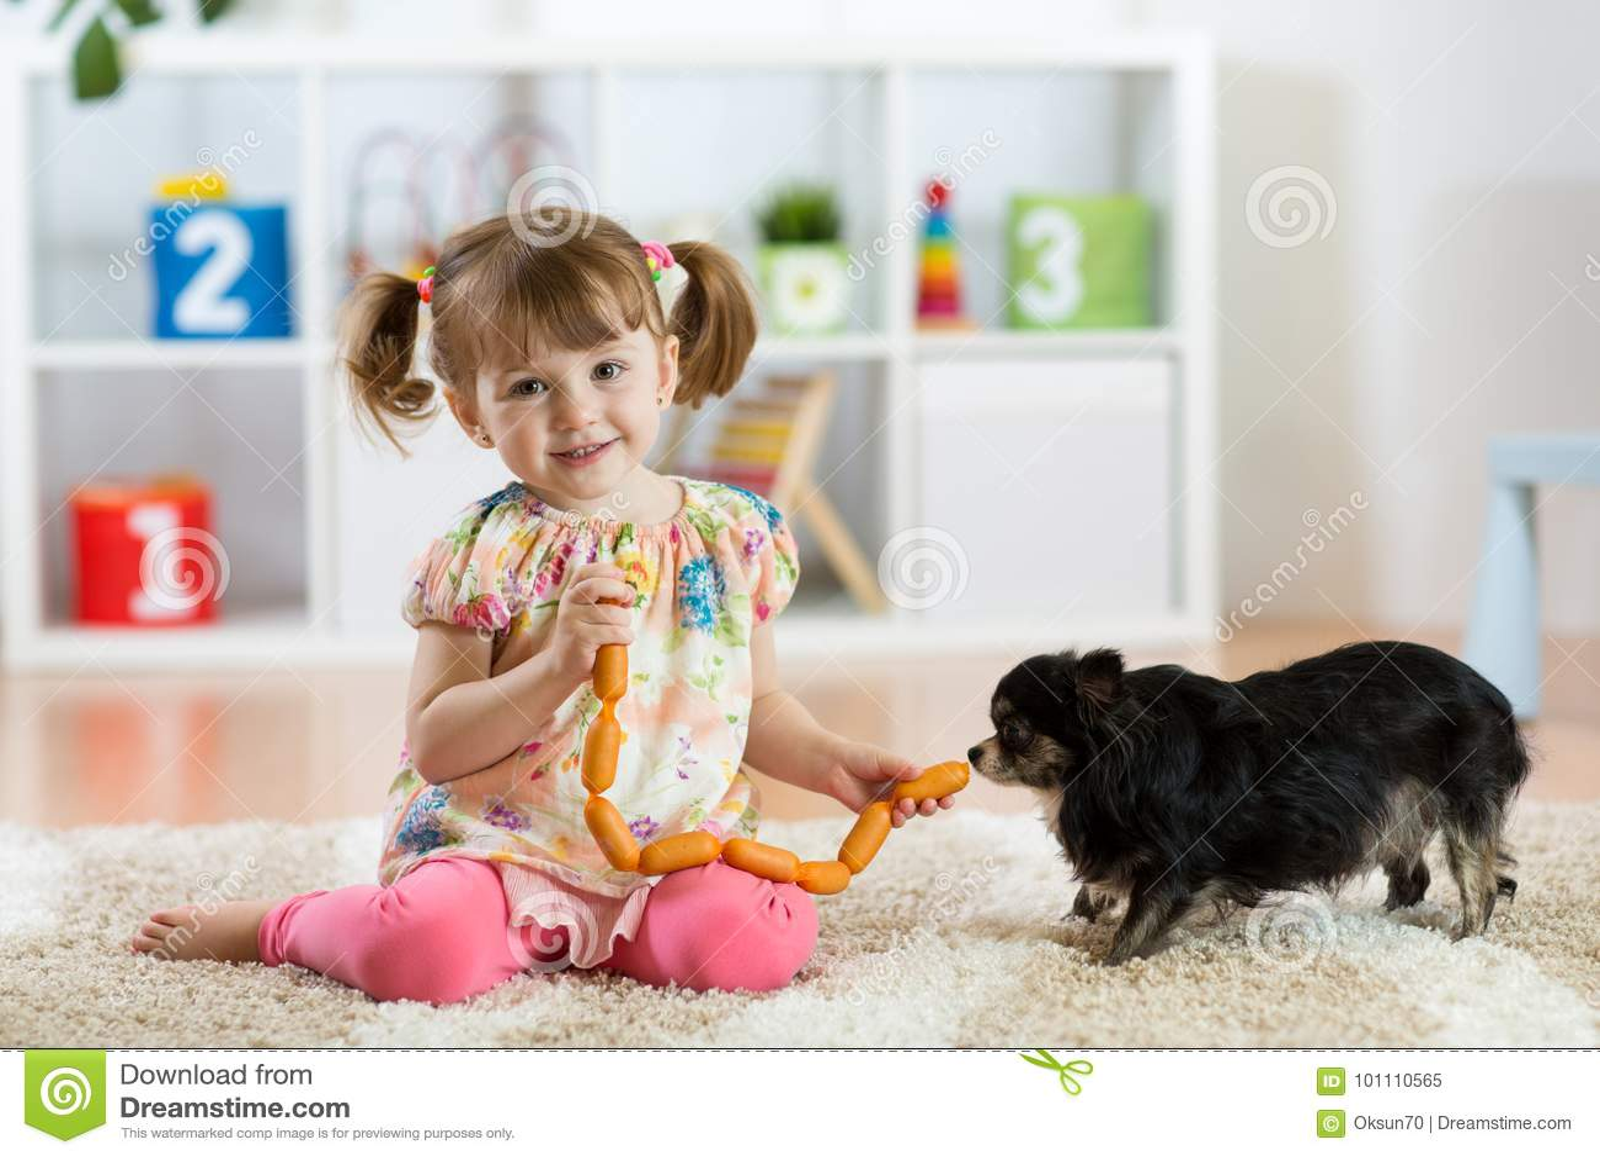 Kid girl feeds dog on floor in room